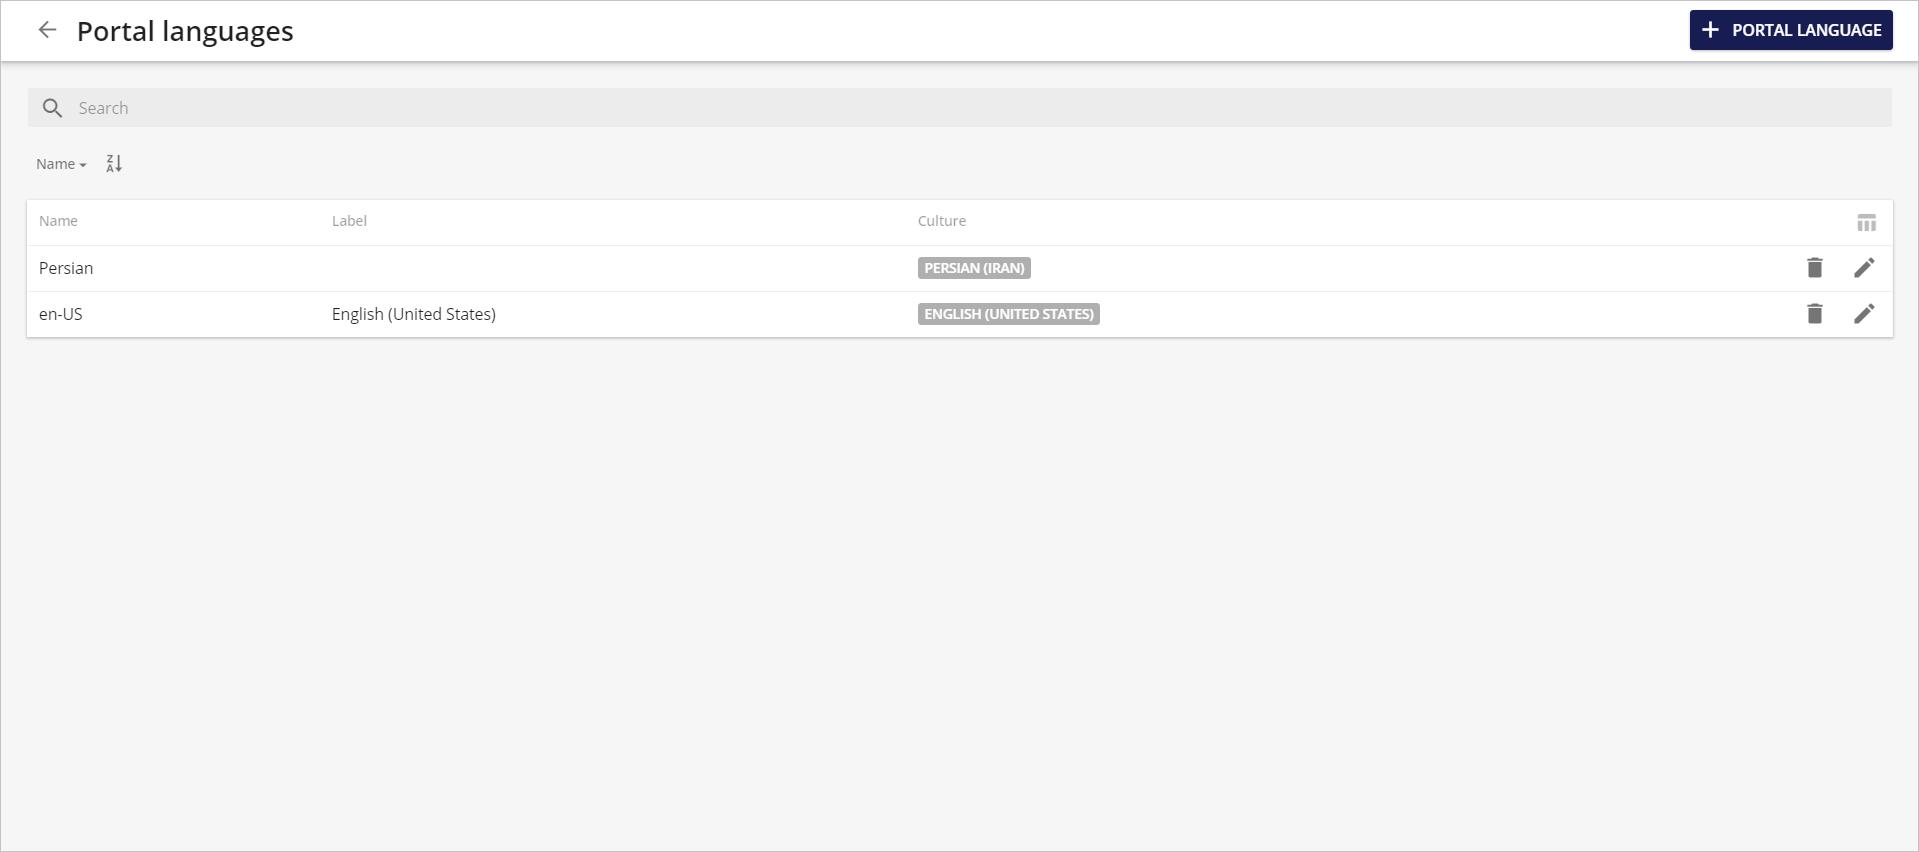 Portal Languages Page